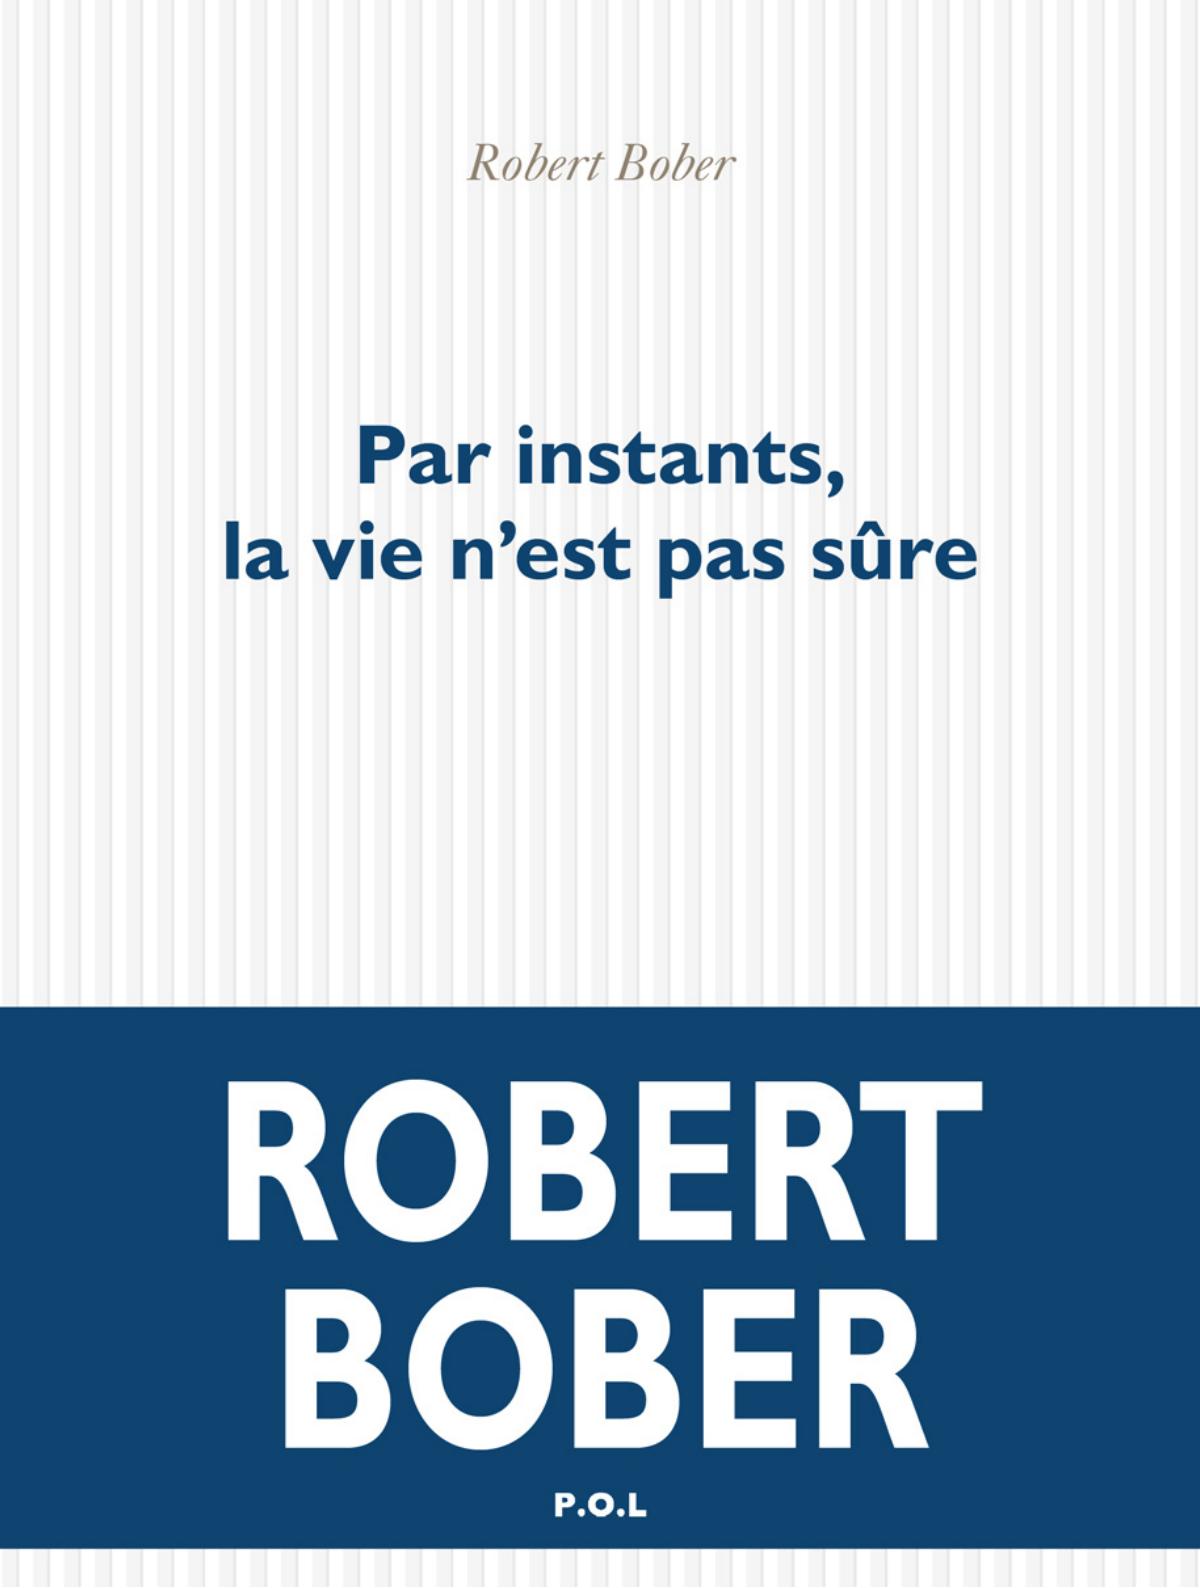 Robert Bober en conversation avec Ariane Singer